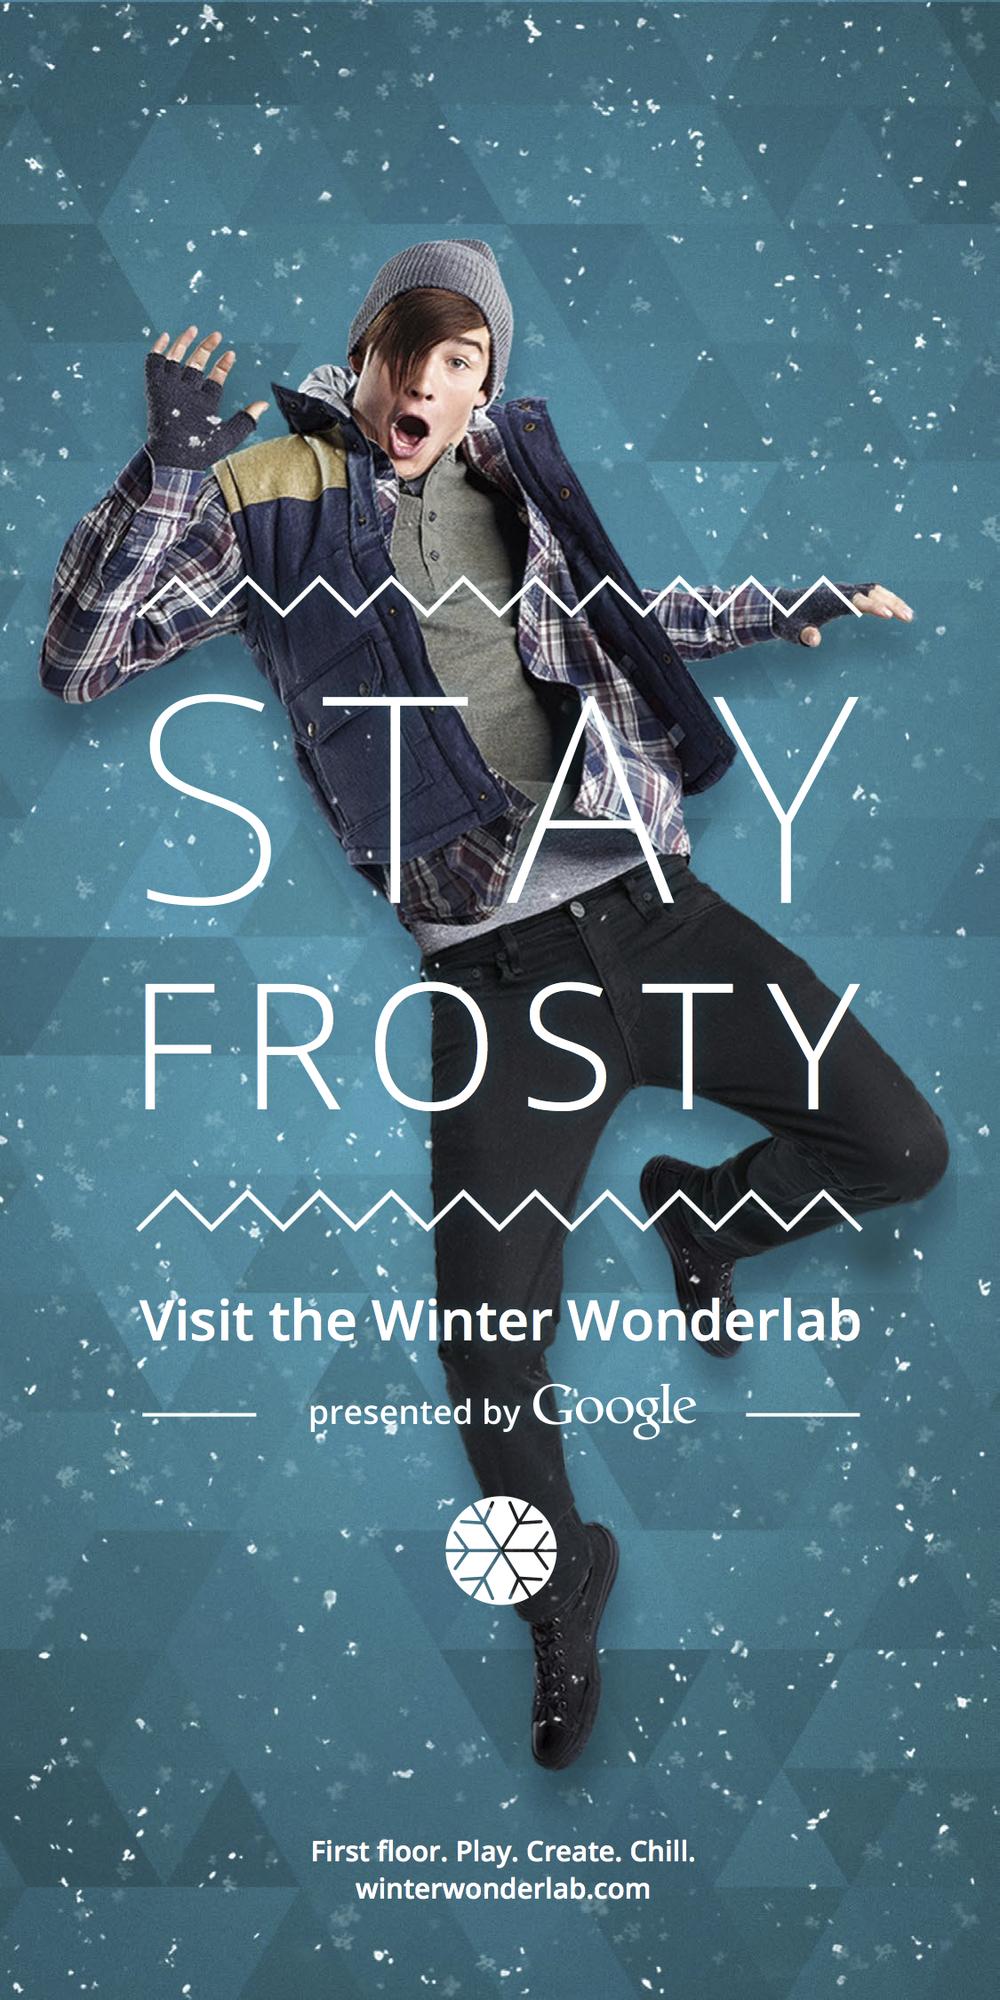 WWL — OOH frosty —small_pole_banner_60x30_v3.jpg